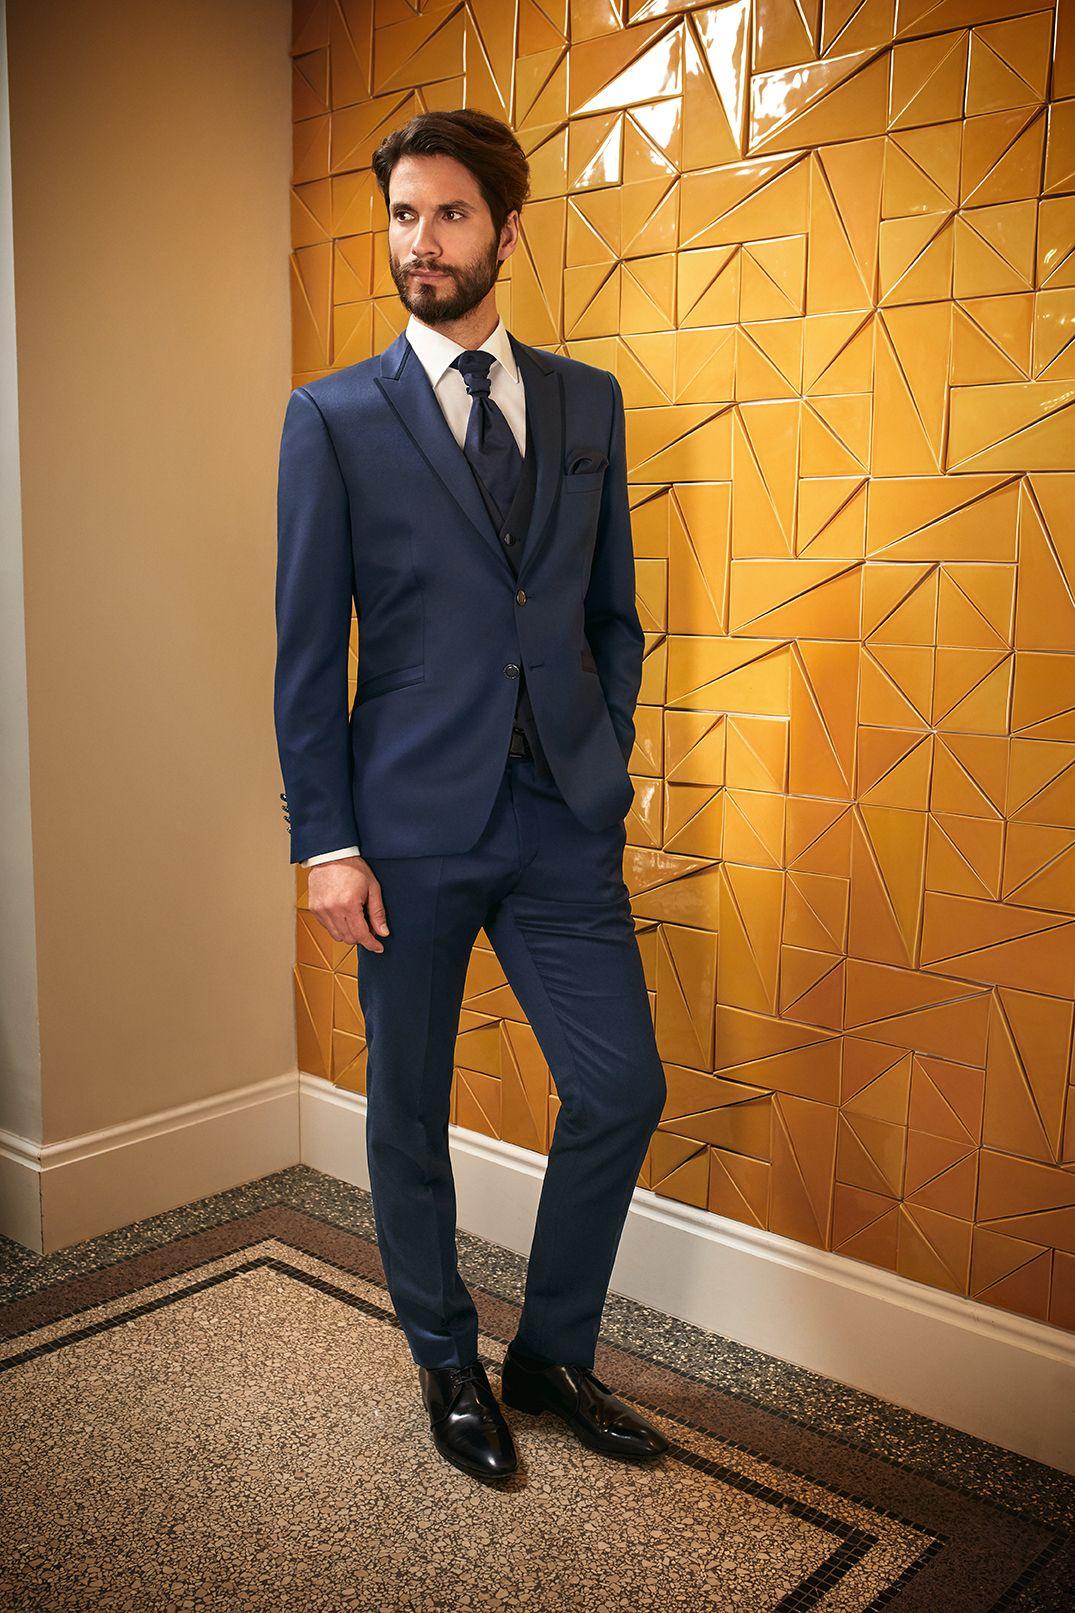 f281a6141 #wilvorst #prestigebywilvorst #hochzeitsanzug #italienischerstil  #hochwertig #italienisch #sexy #elegant